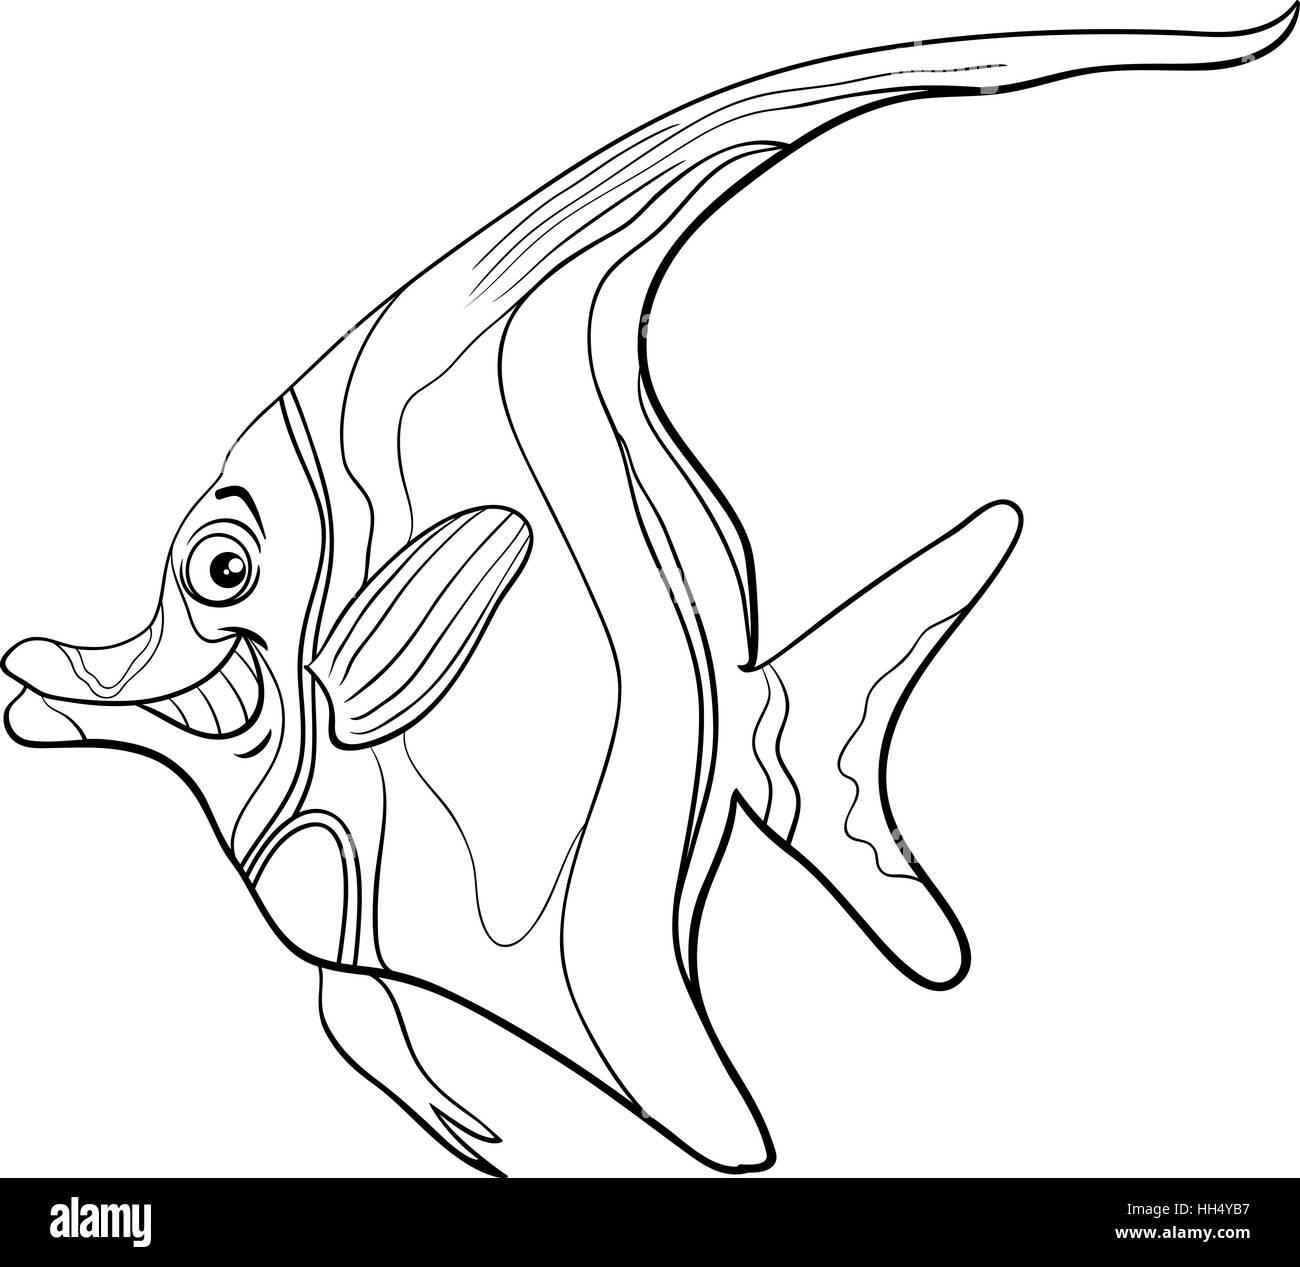 Fantastisch Ozean Tier Malvorlagen Zum Ausdrucken Galerie ...